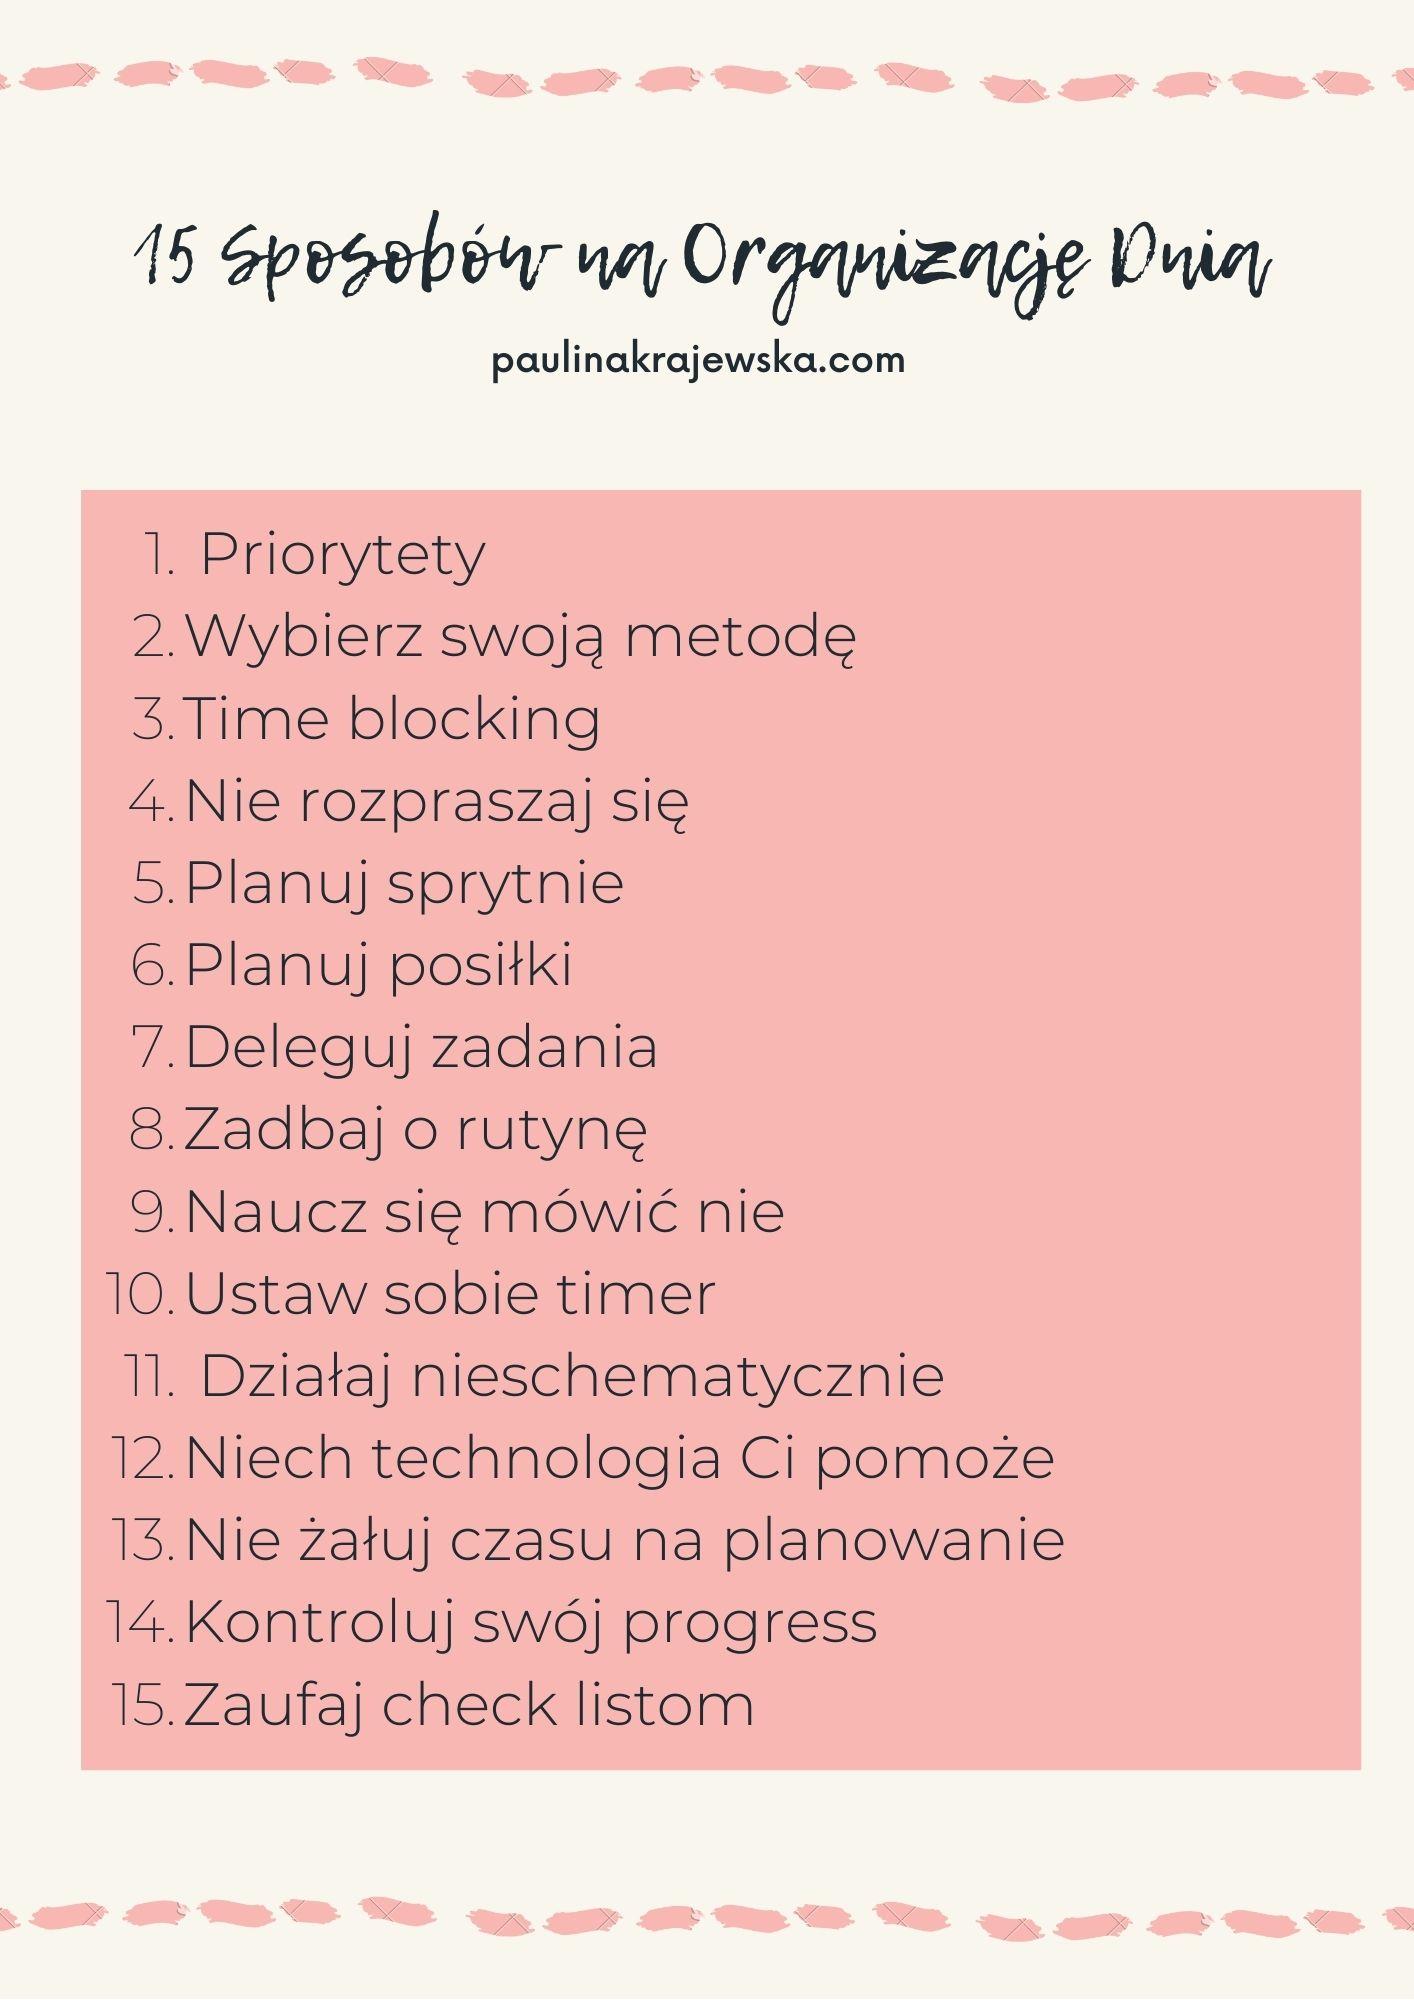 15 sposobów na organizację dnia